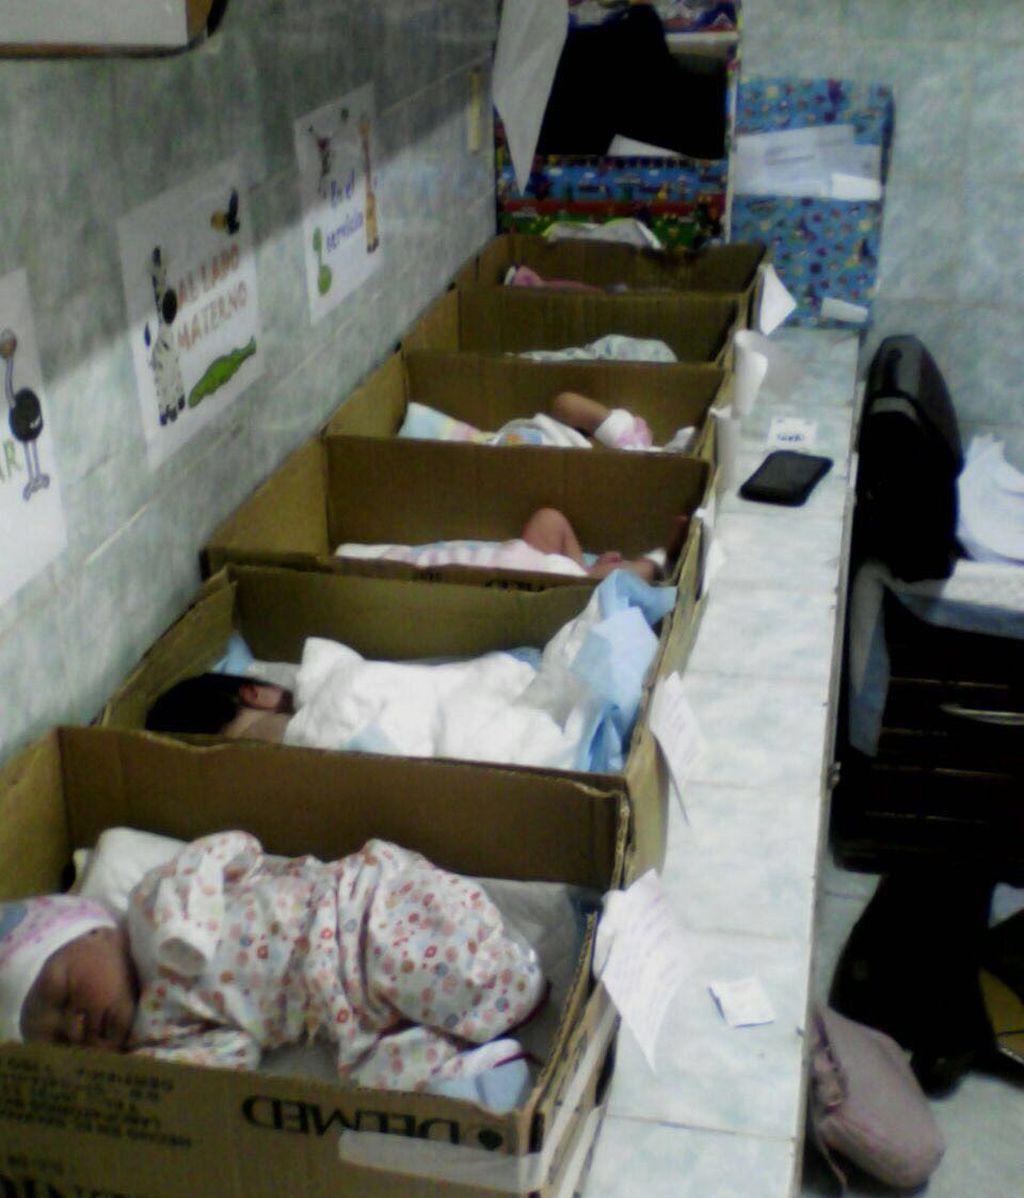 Los recién nacidos, en cajas de cartón en un hospital de Venezuela